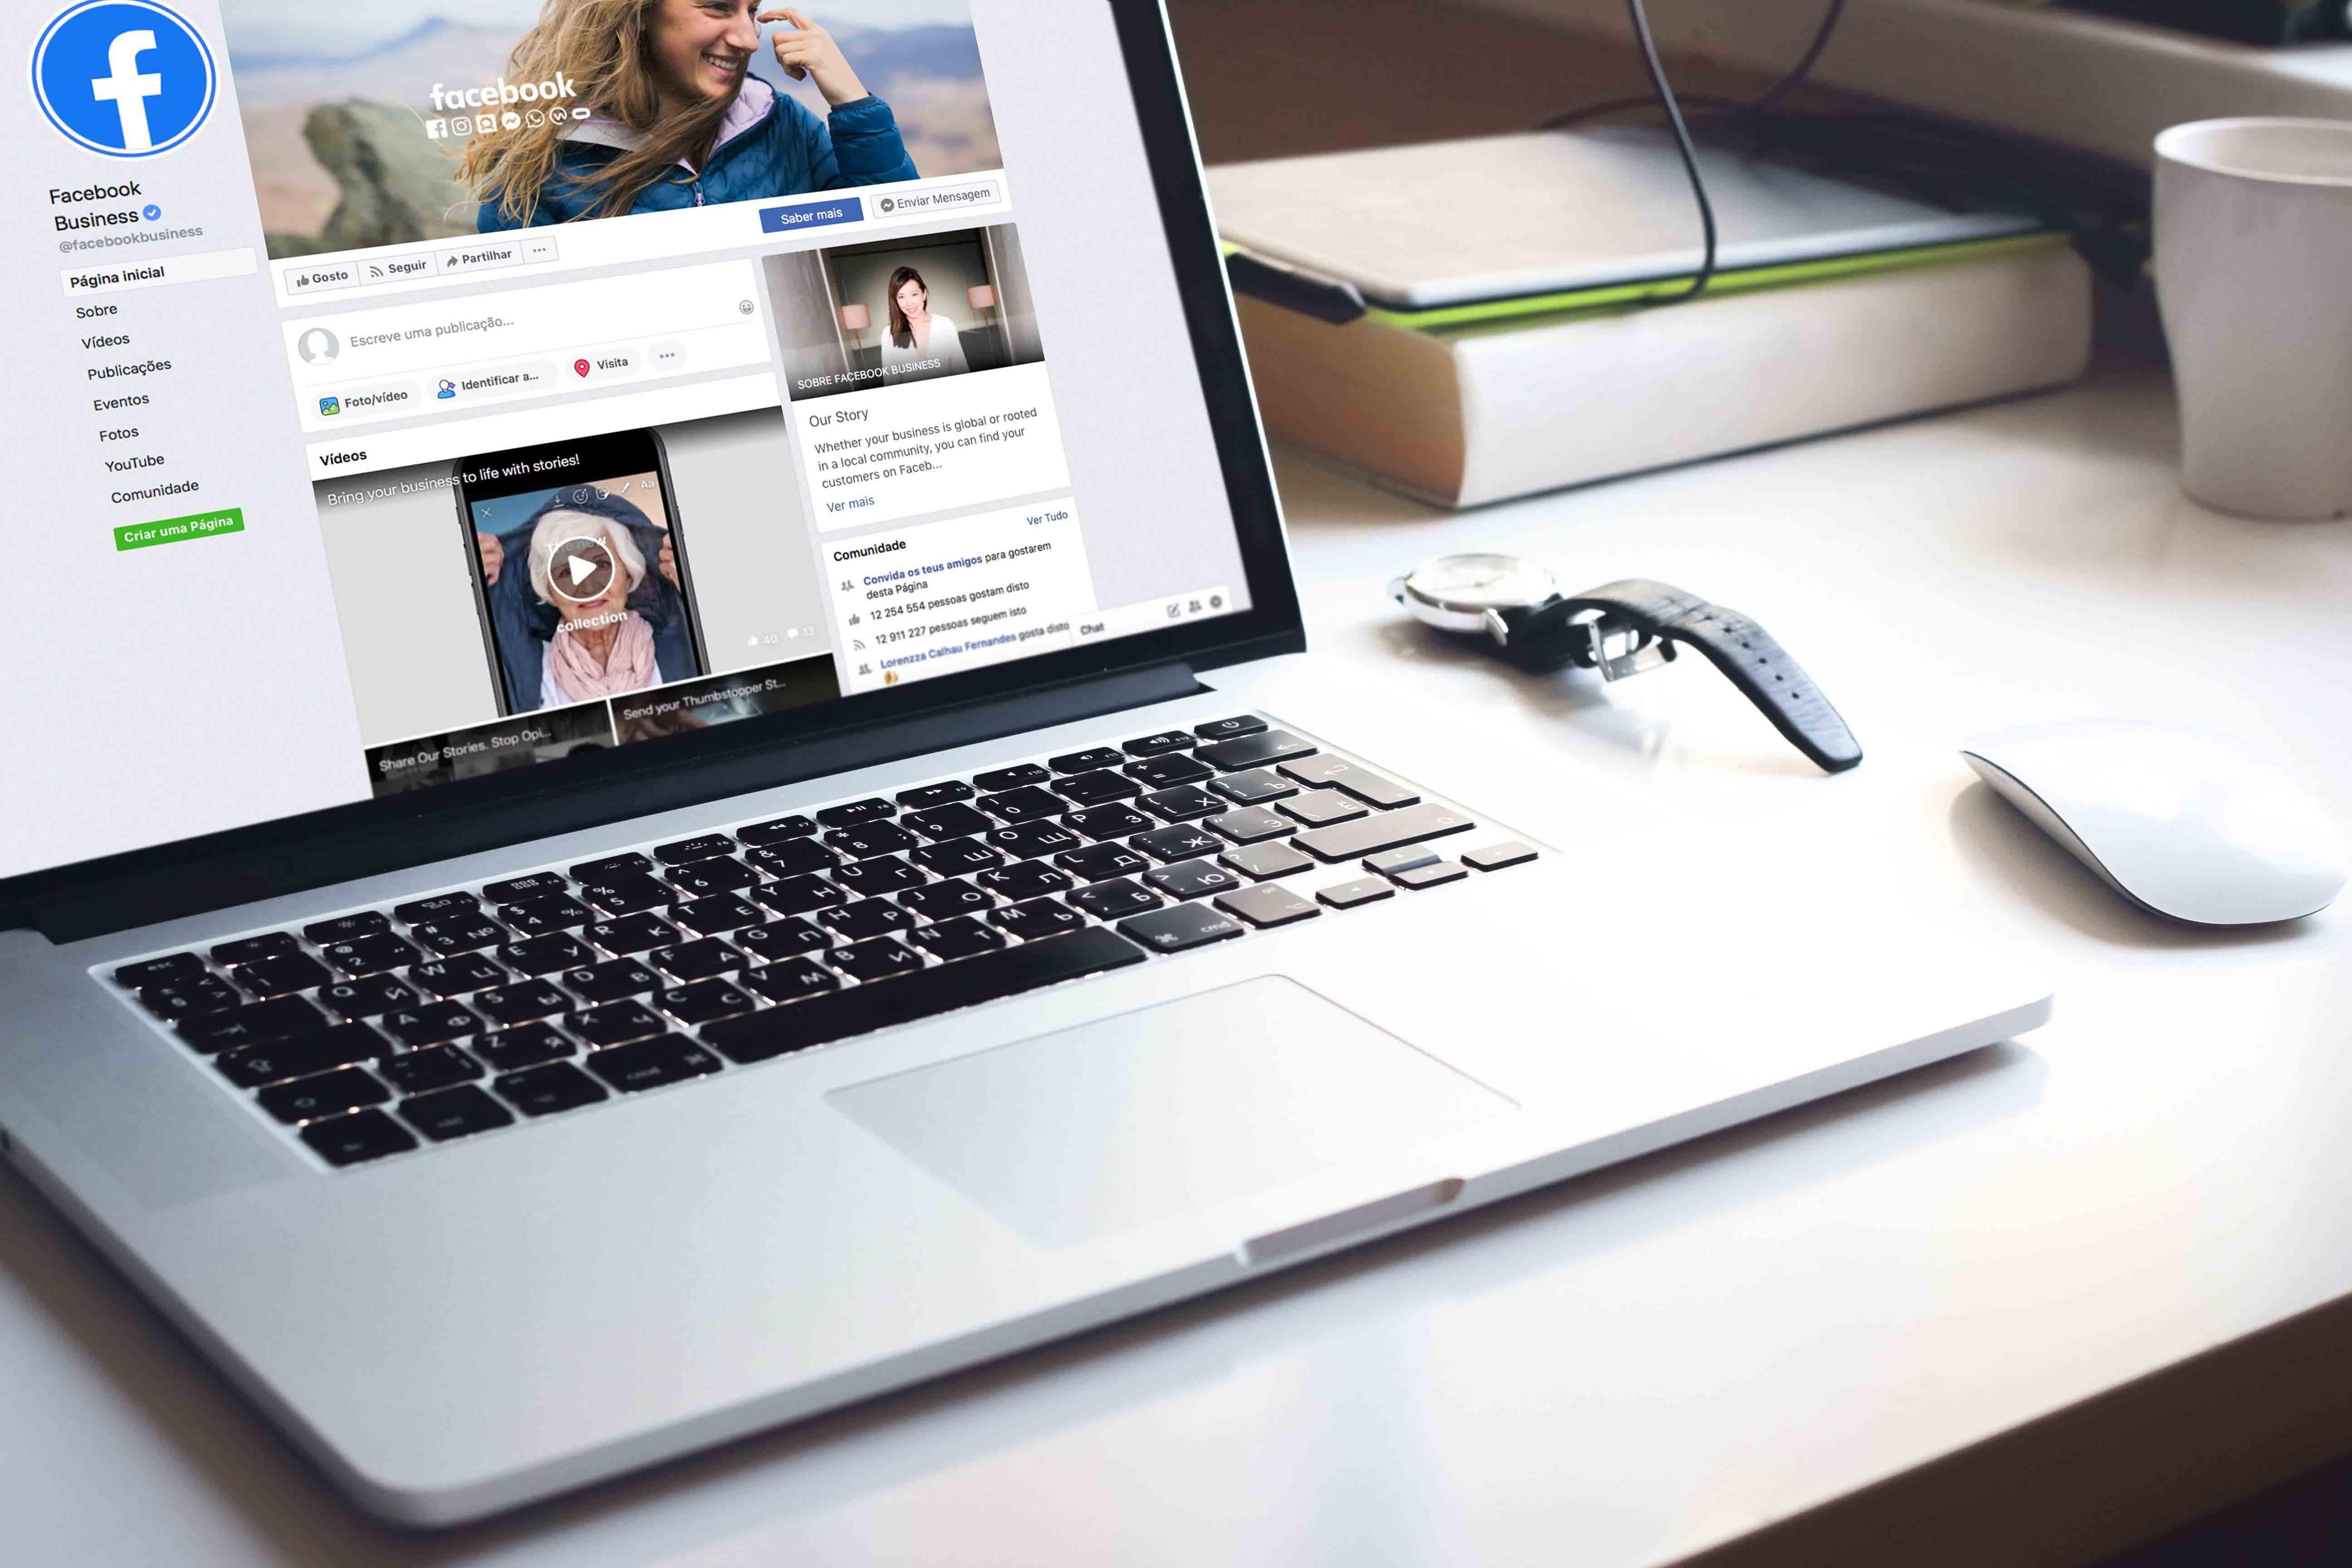 gestão-de-redes-sociais-em-empresa